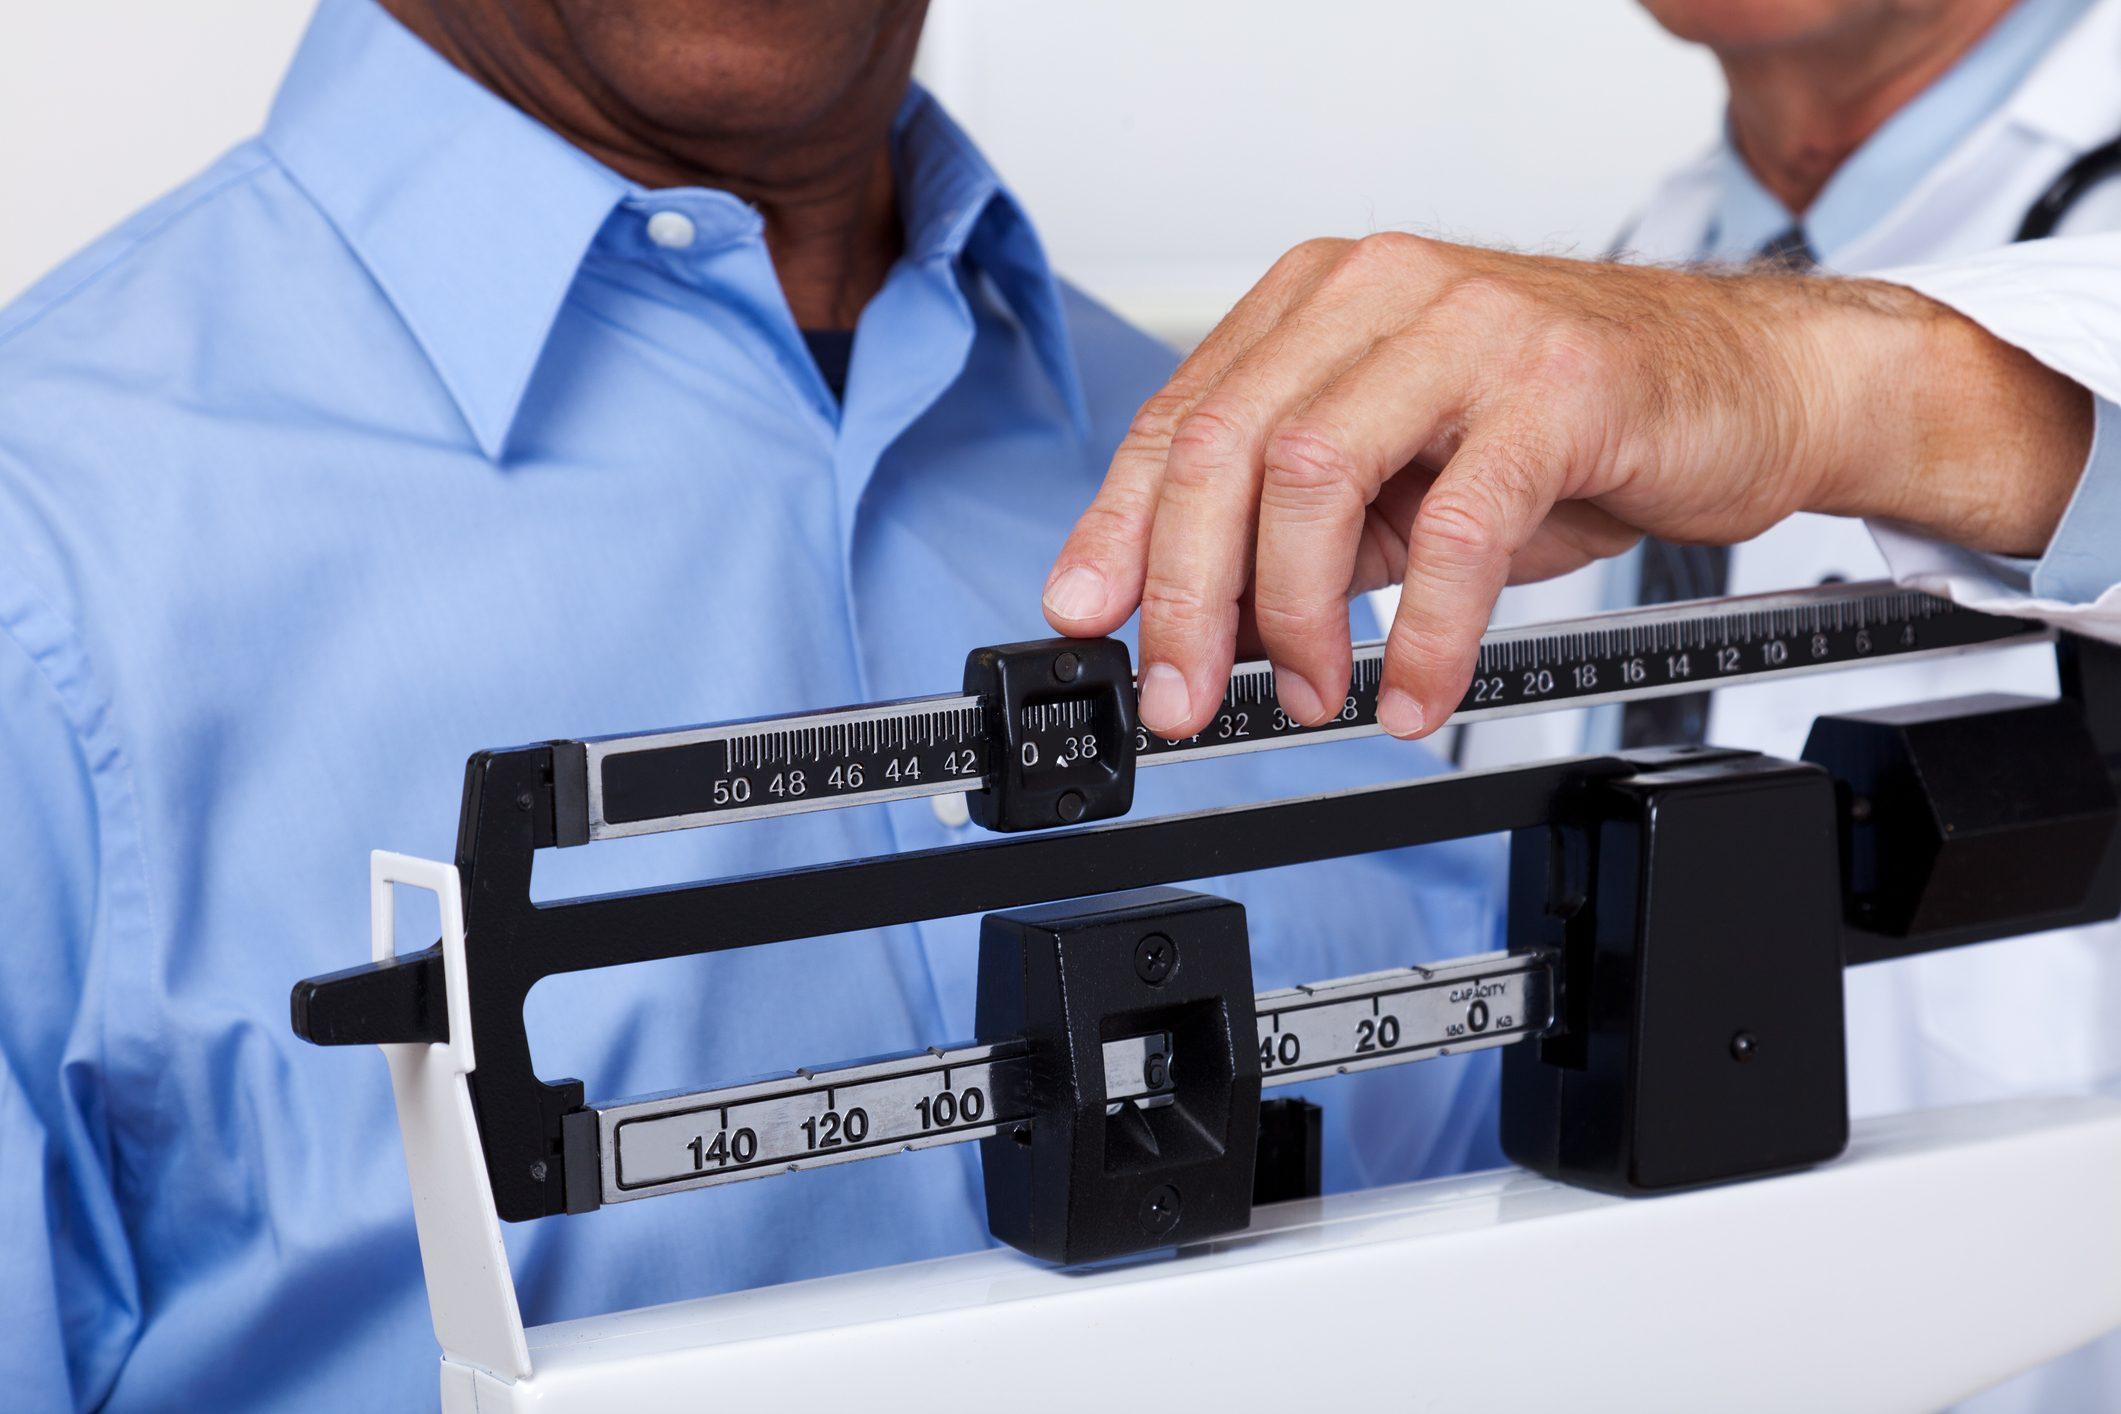 la perdita di peso nel diabete riduce i rischio